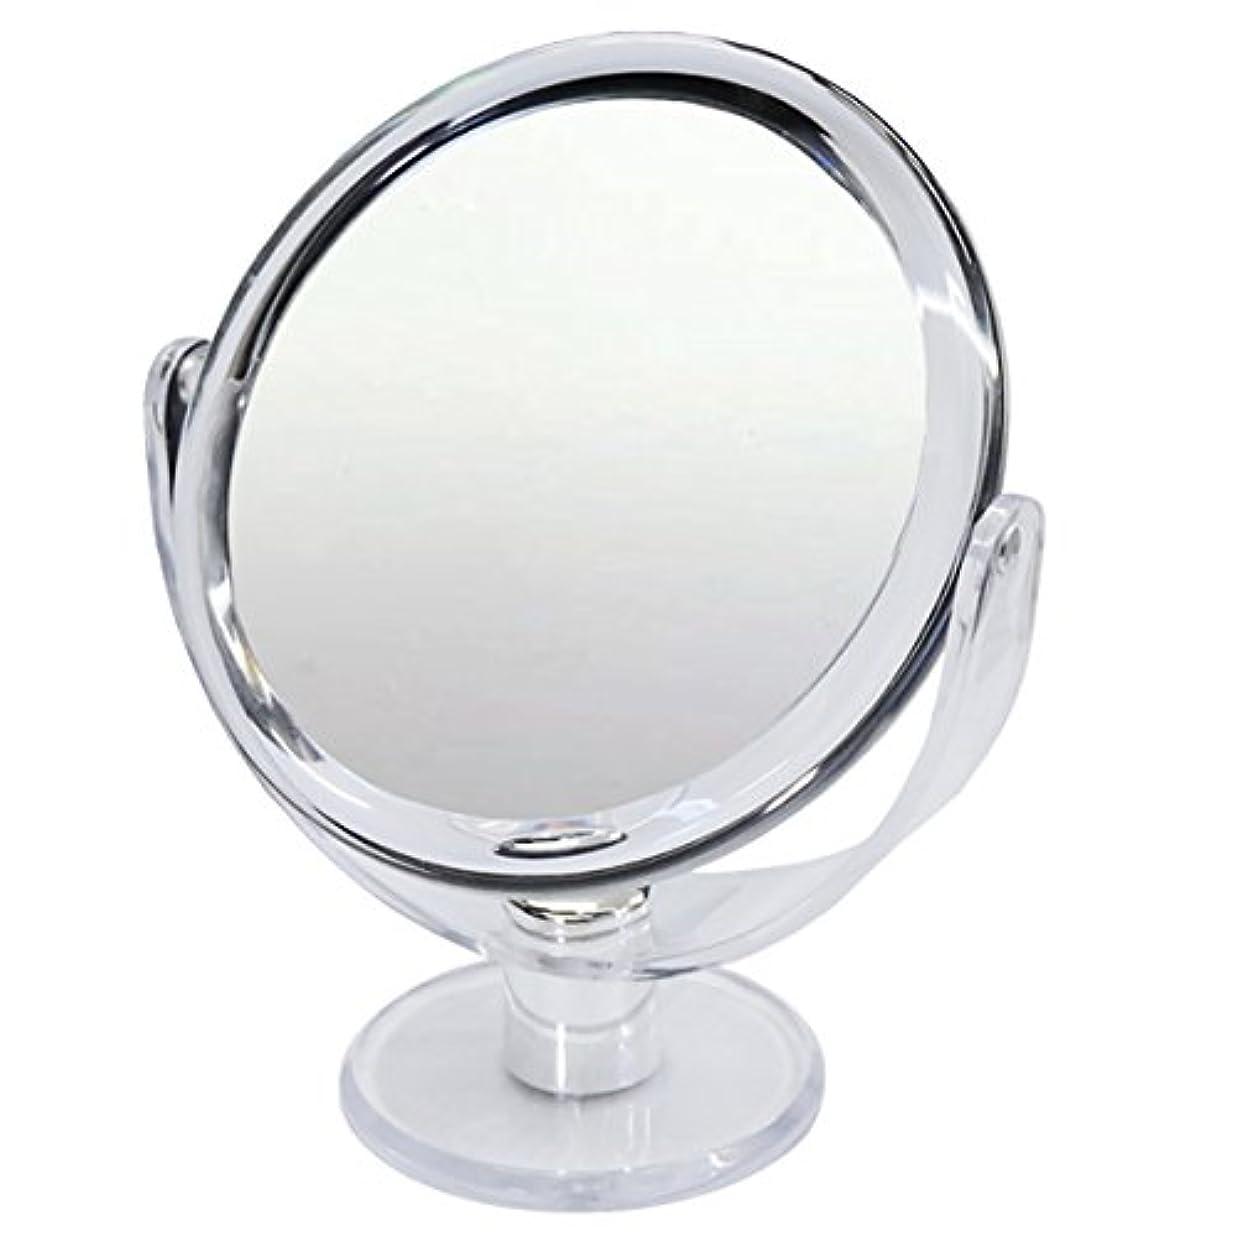 暴君説得砂漠10倍 拡大鏡 スタンドミラー 等倍鏡と10倍鏡の両面鏡